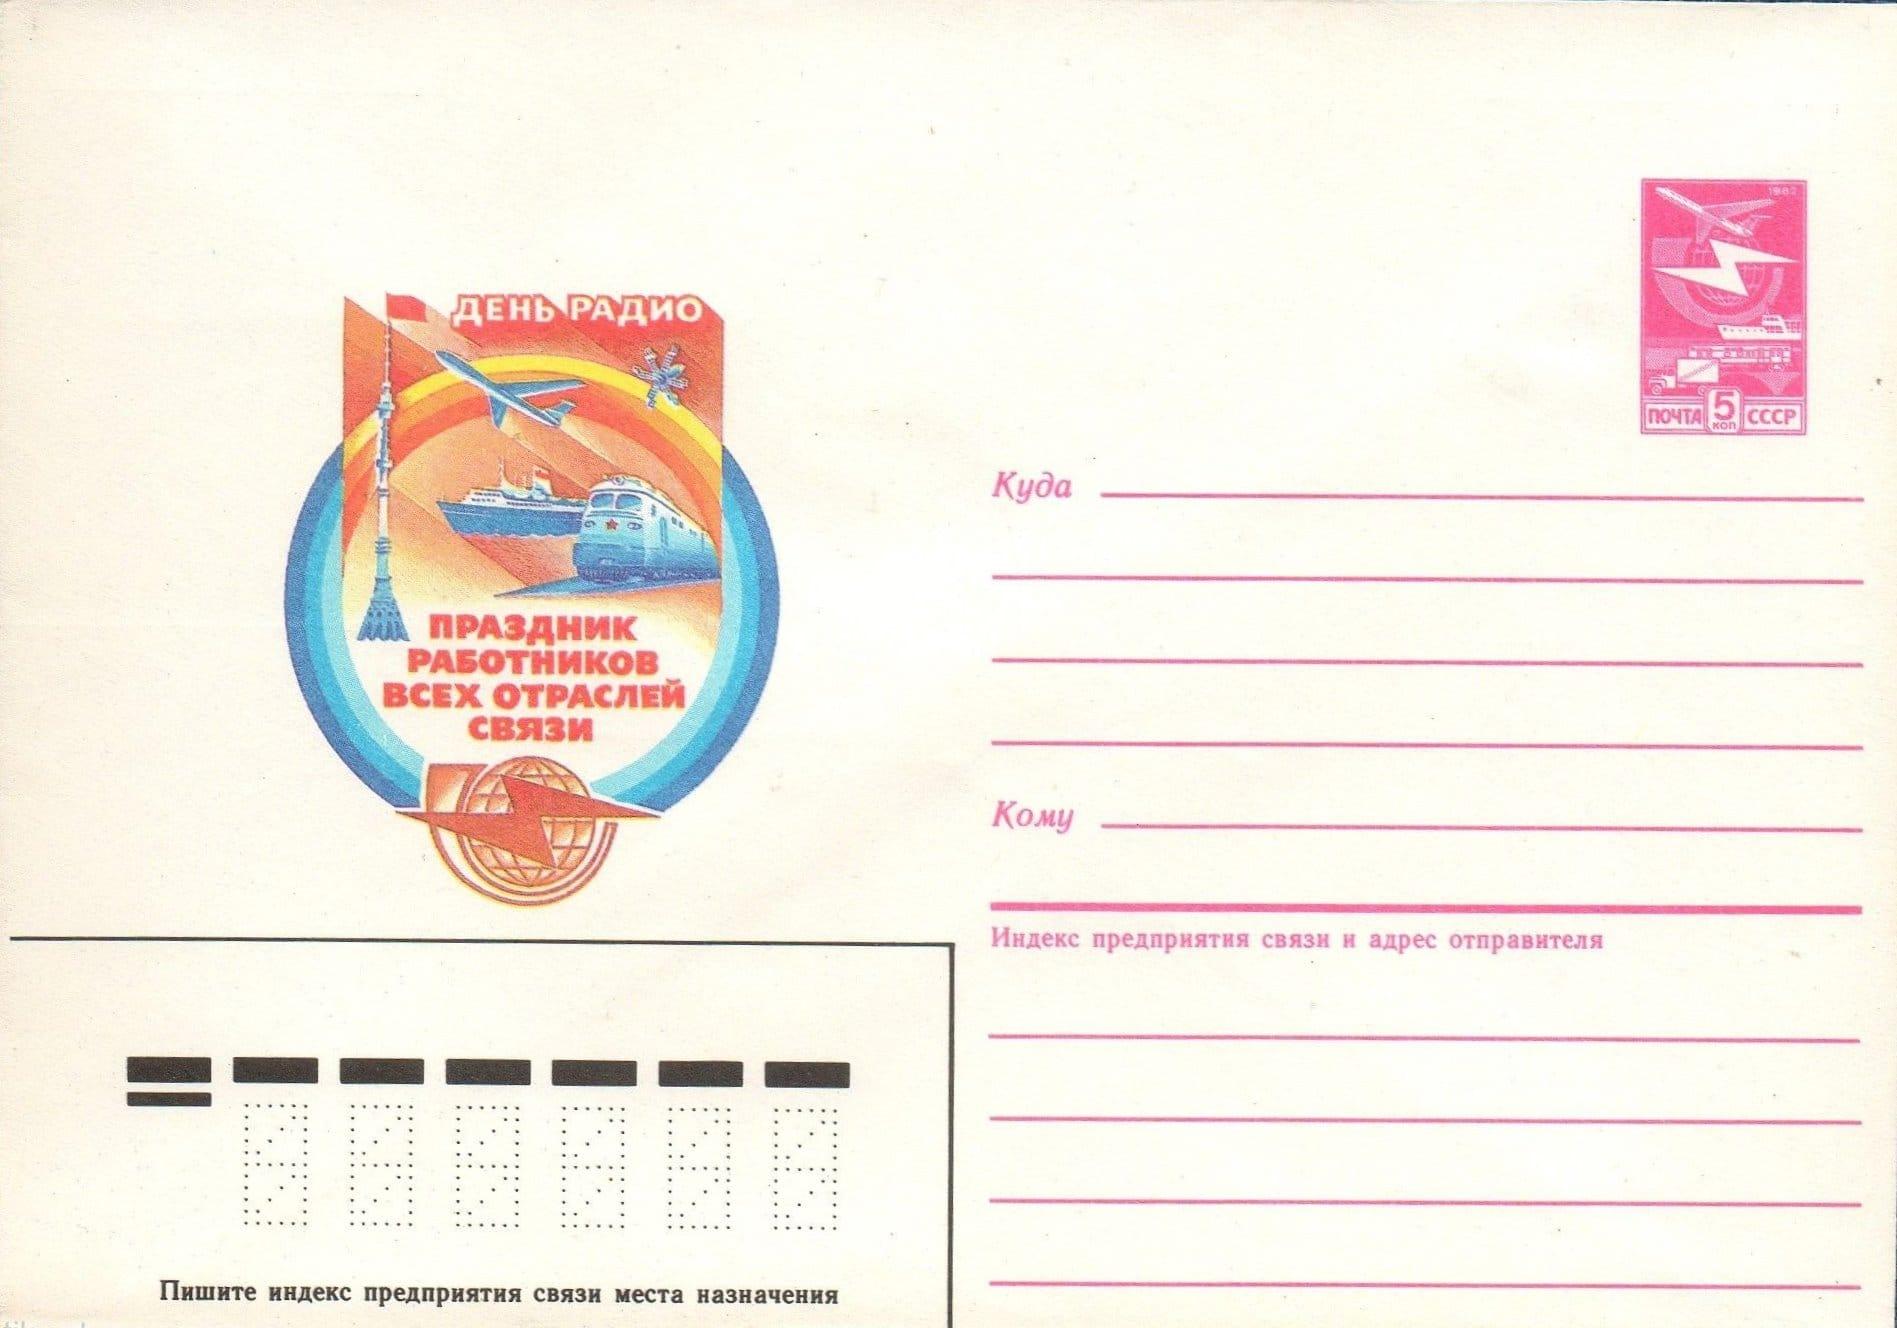 Почтовый конверт «День Радио - праздник работников всех отраслей связи», 1982 г